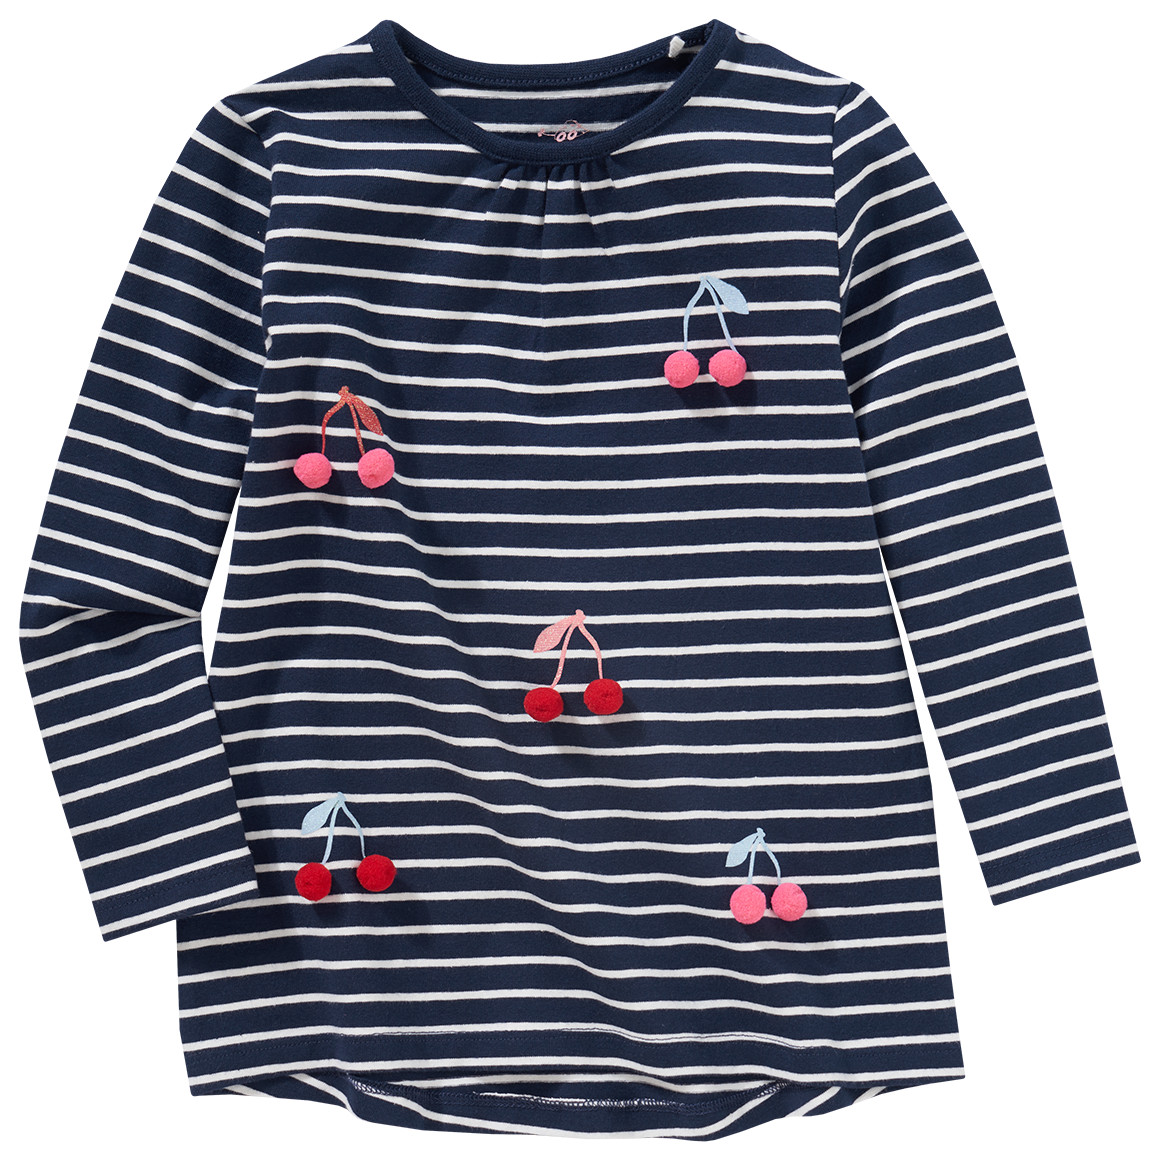 Minigirloberteile - Mädchen Langarmshirt mit 3D Applikationen - Onlineshop Ernstings family